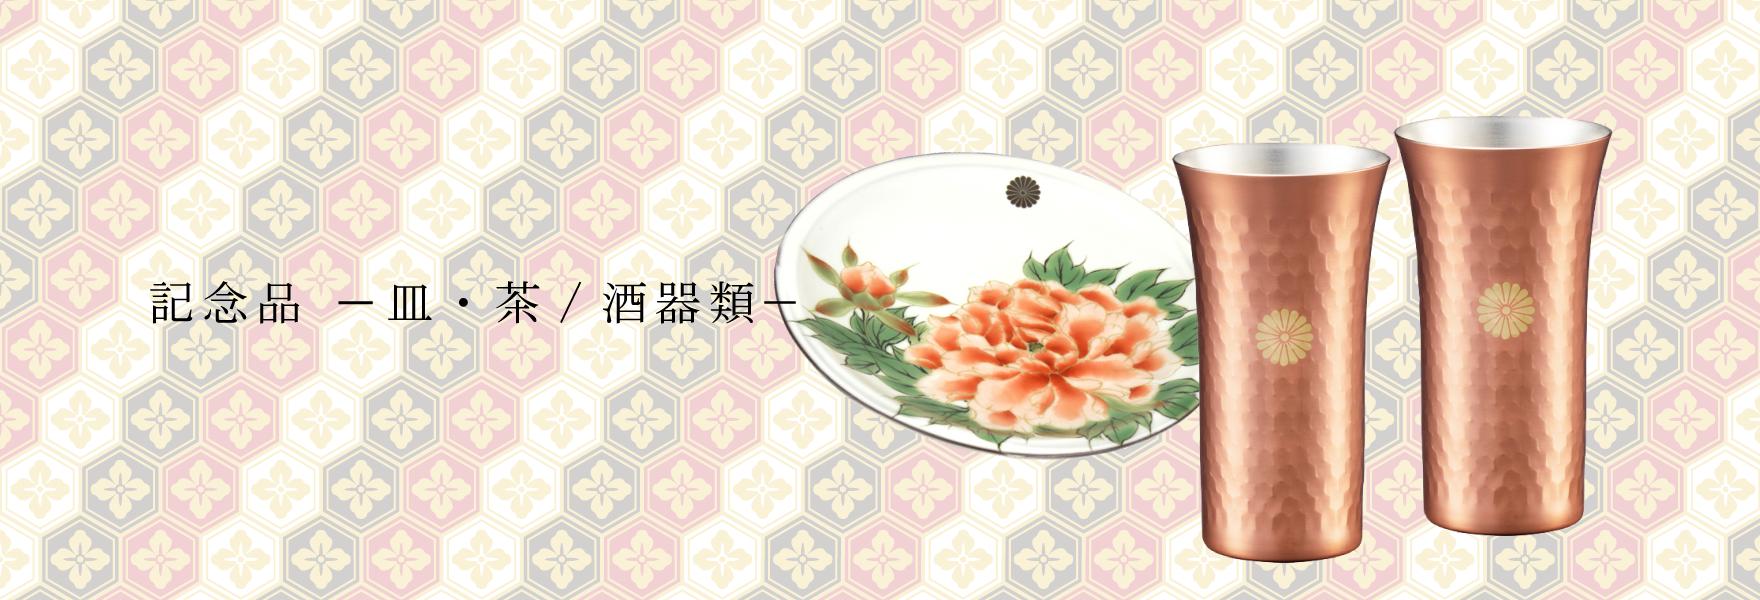 記念品 -皿・茶/酒器類-